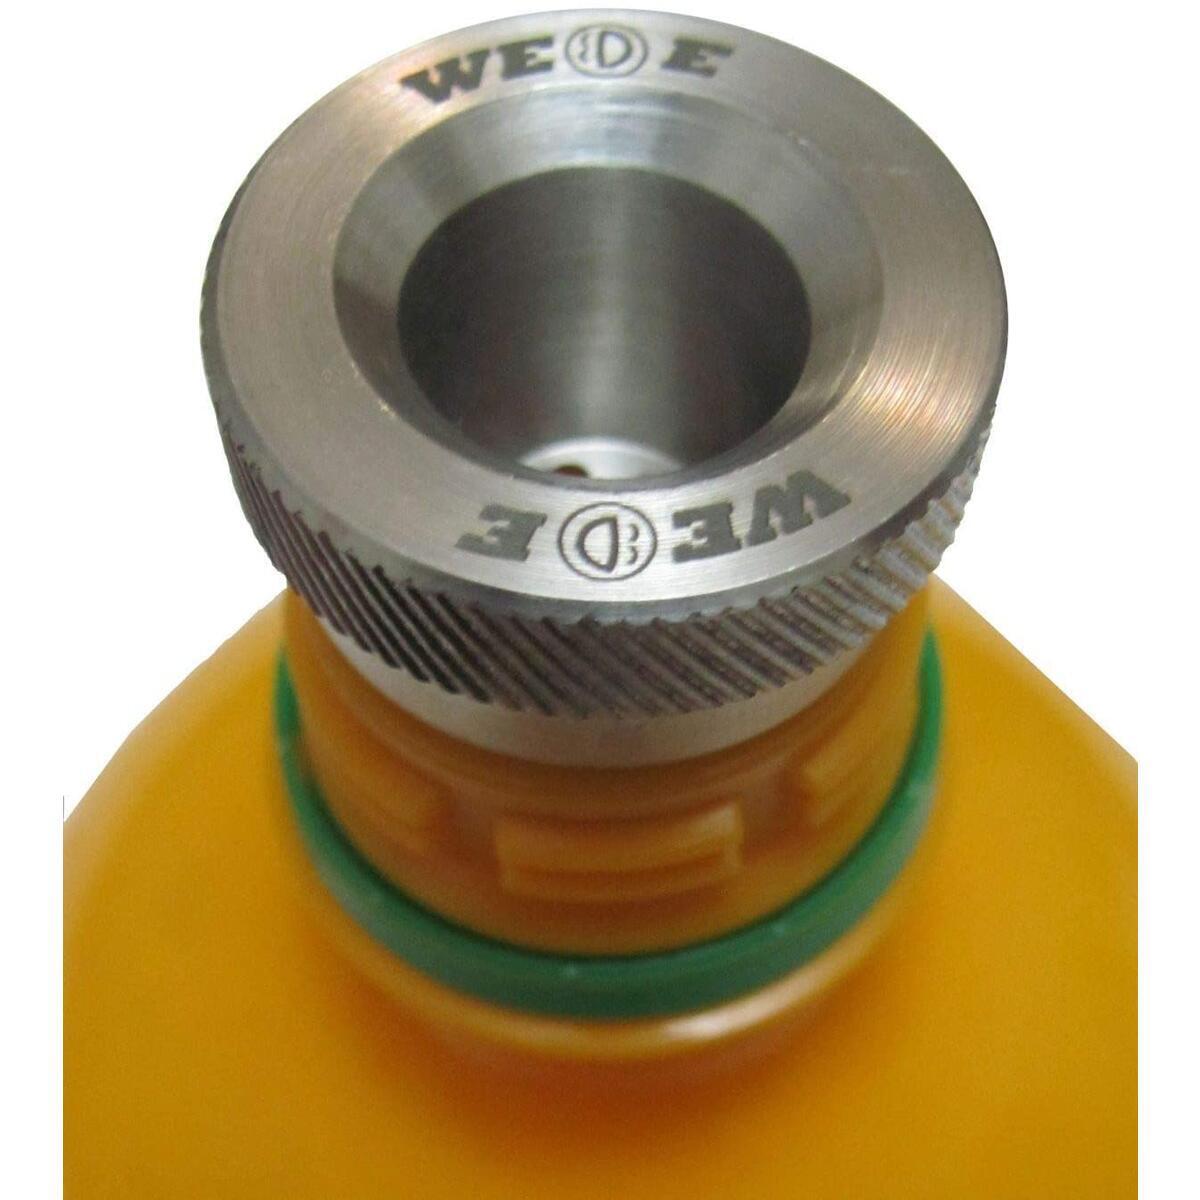 WEDE Double - Incense Stick Holder, Candle Holder, Filter